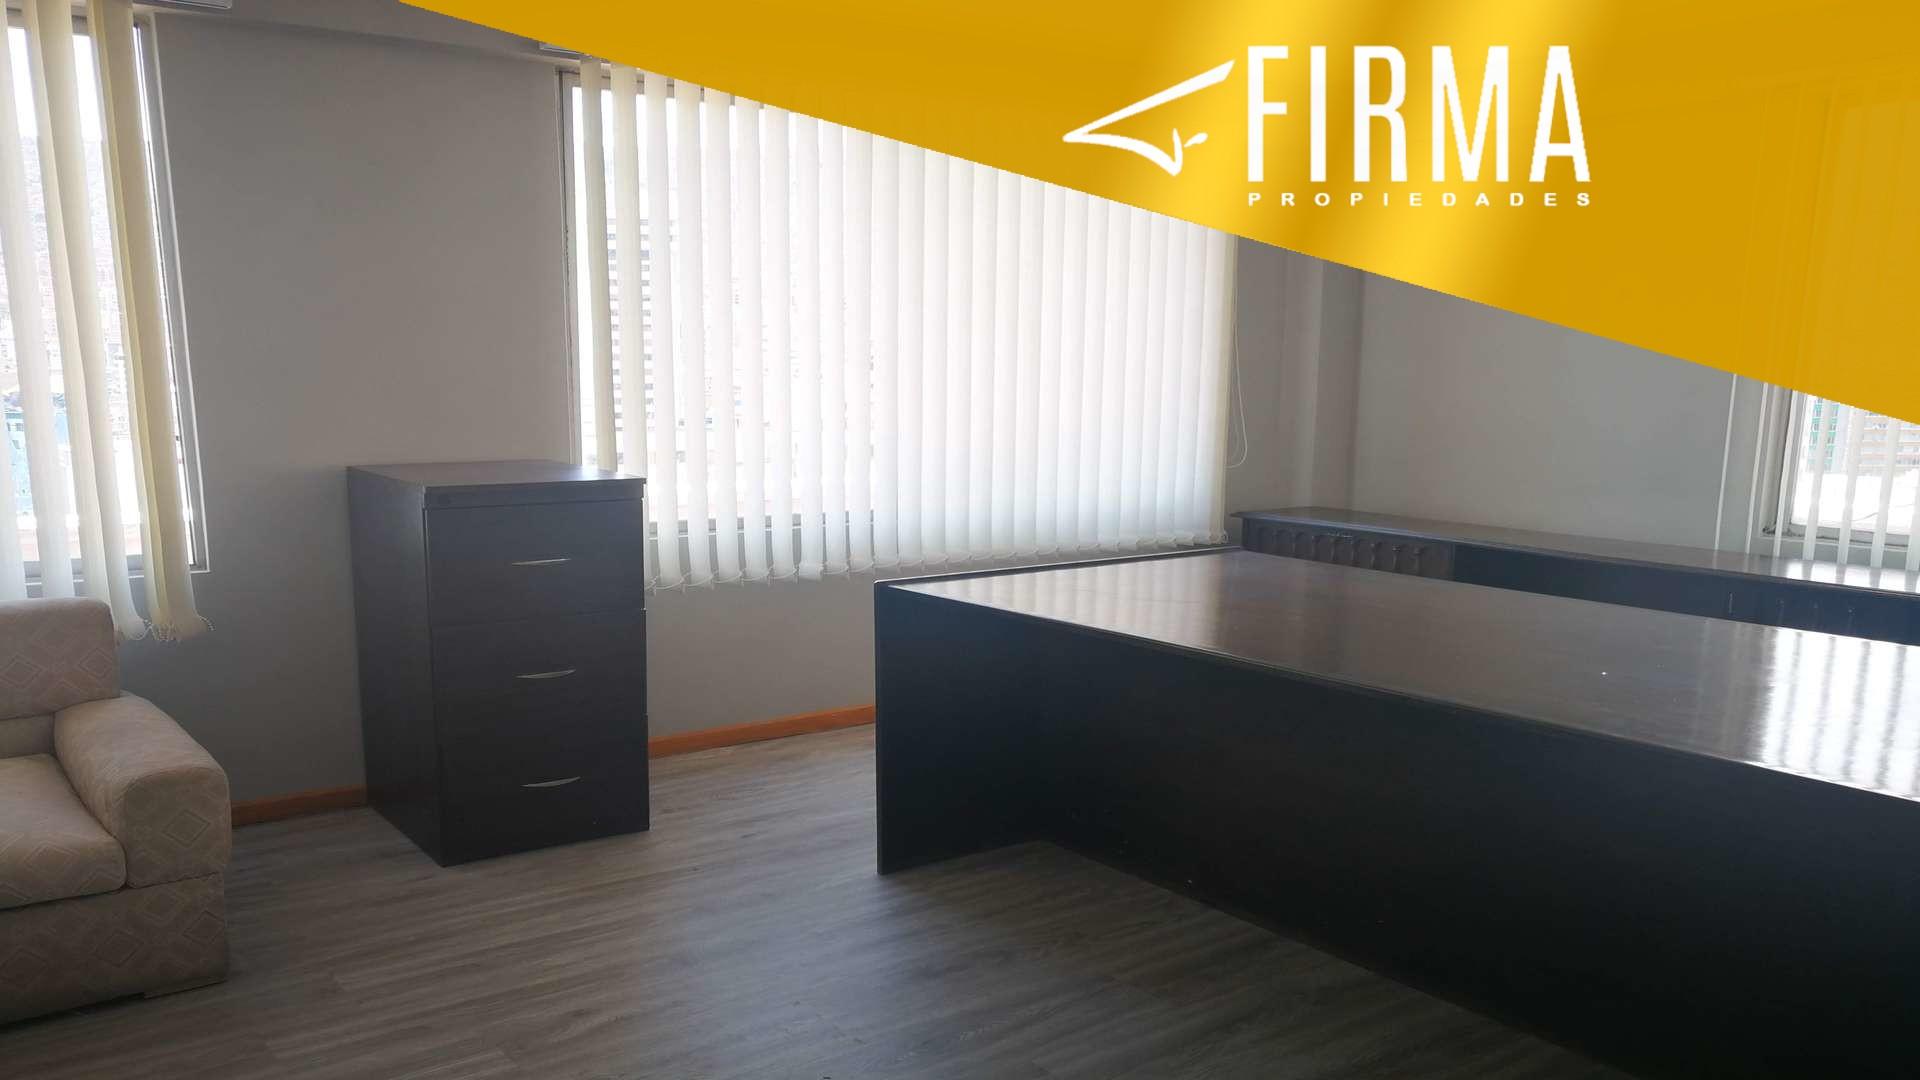 Oficina en Alquiler FOA47016 – ALQUILA ESTA OFICINA EN EL CENTRO DE LA CIUDAD Foto 15